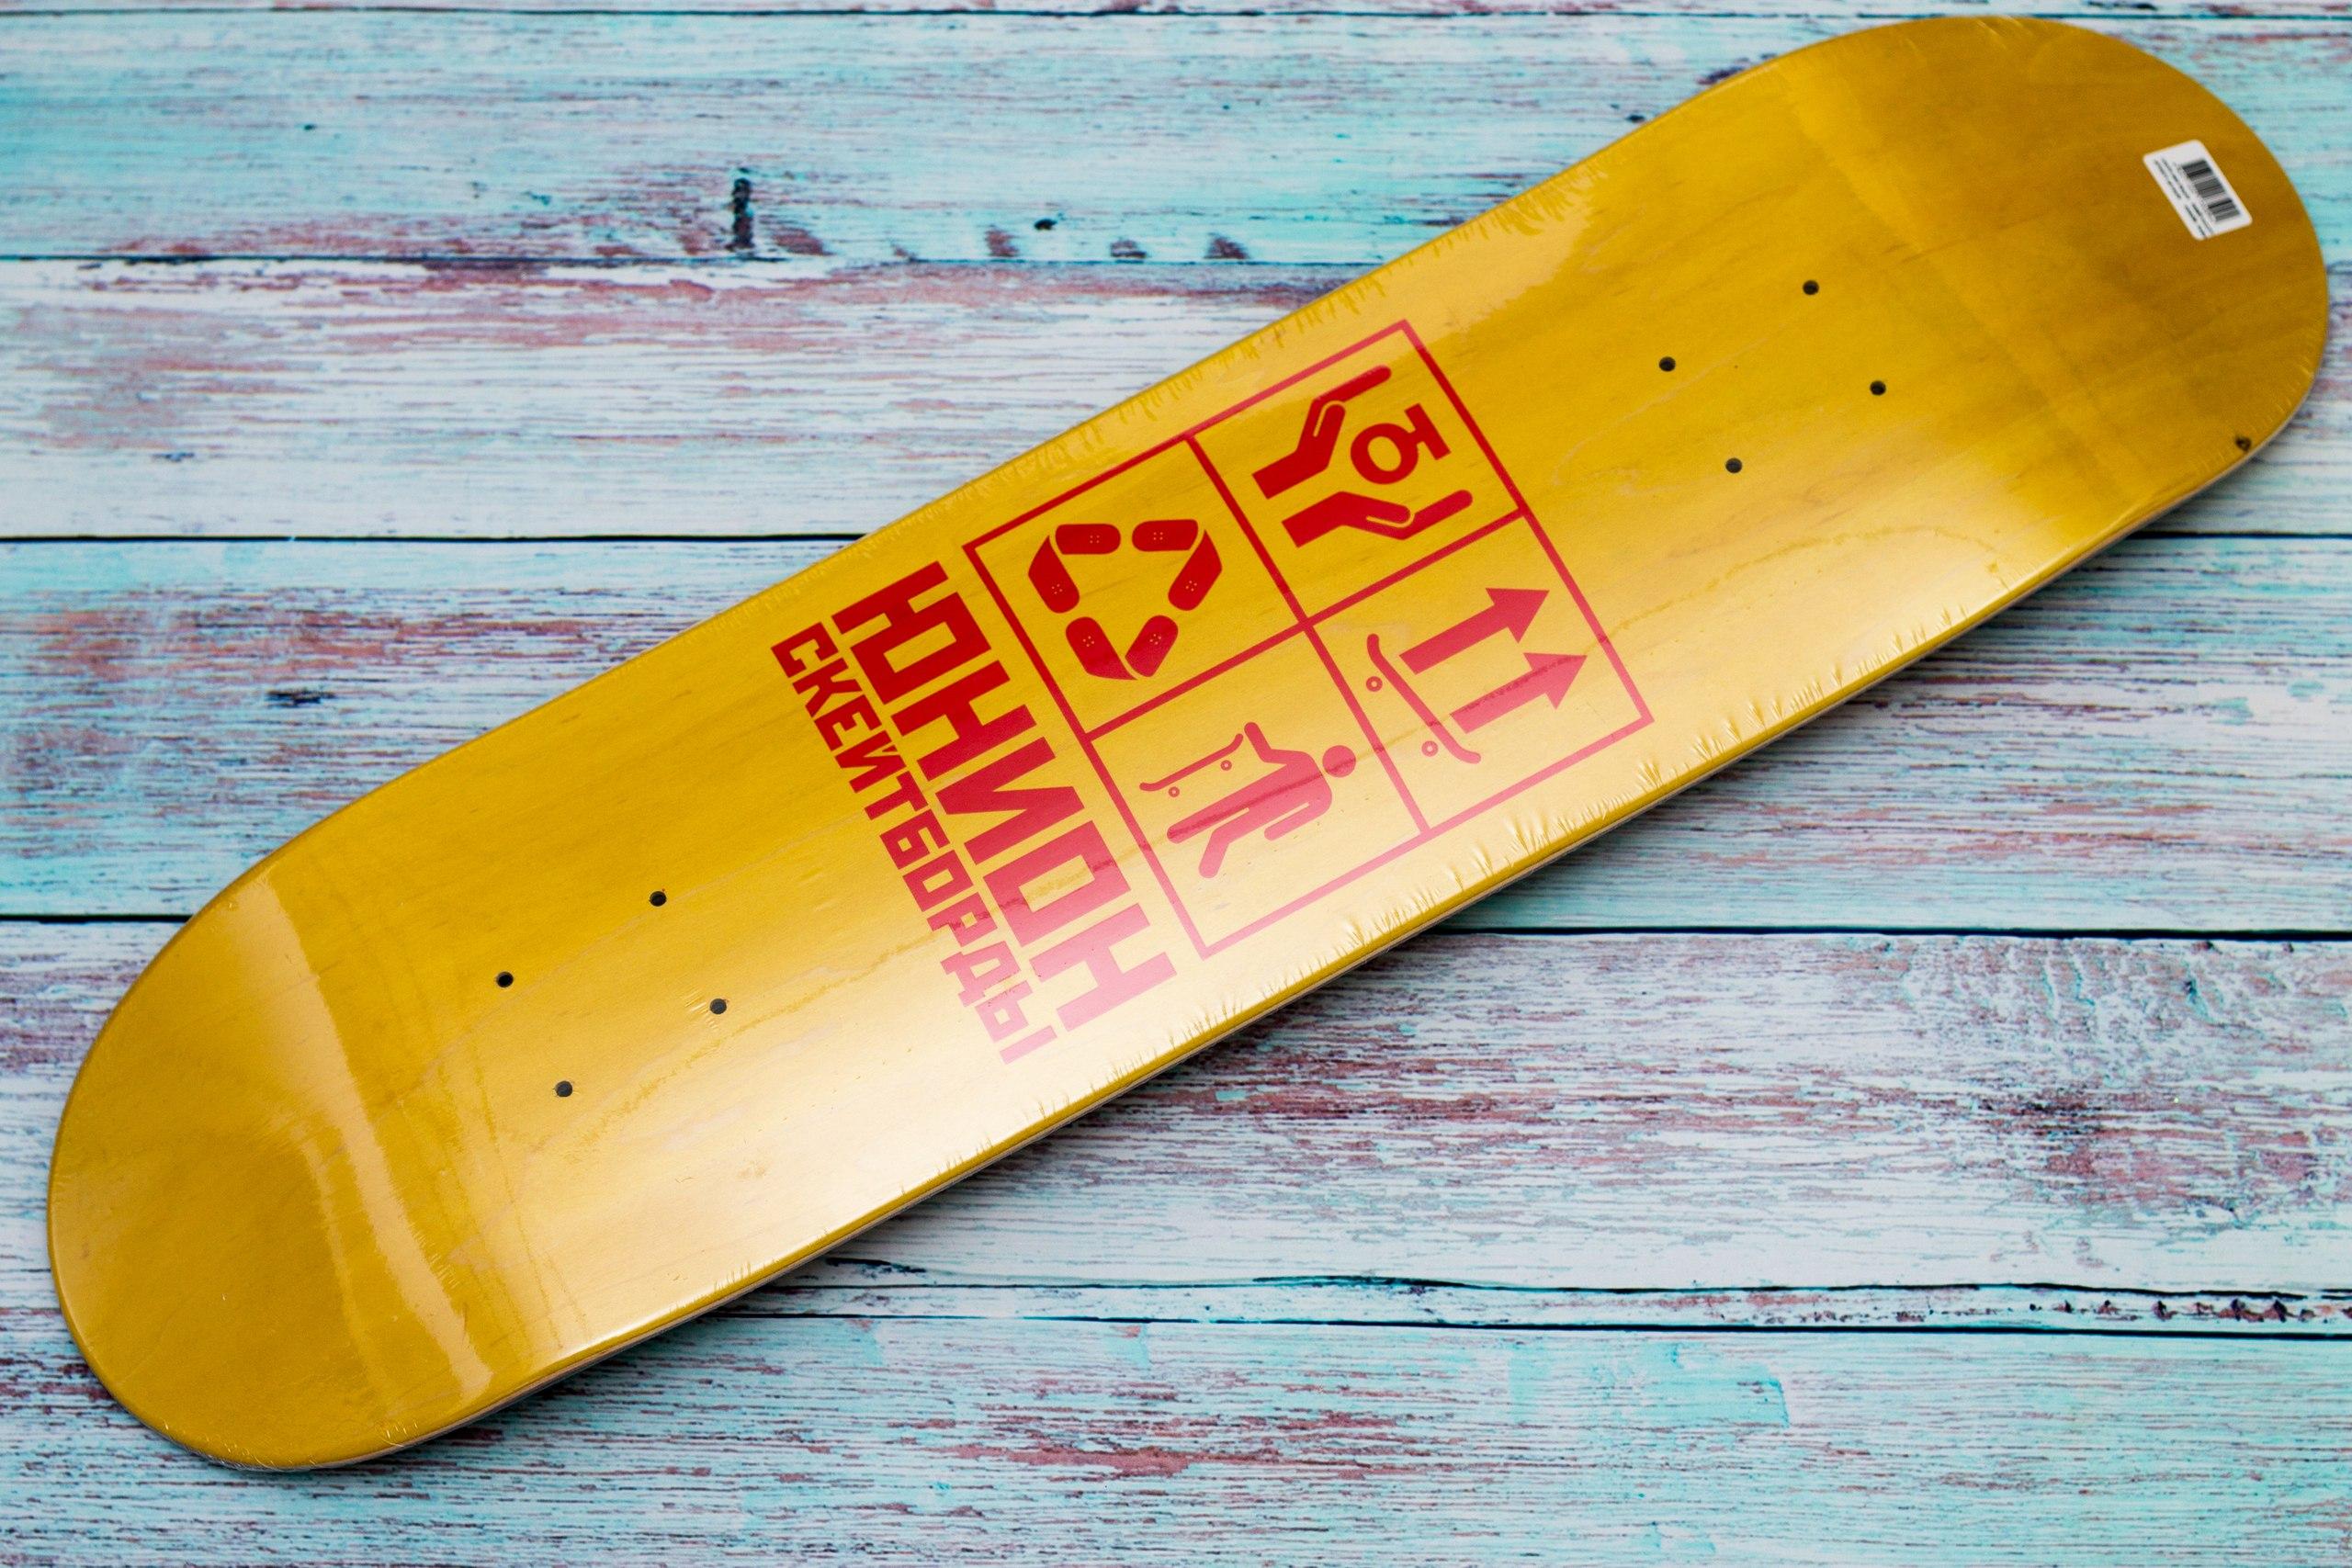 купить скейтборд юнион самара